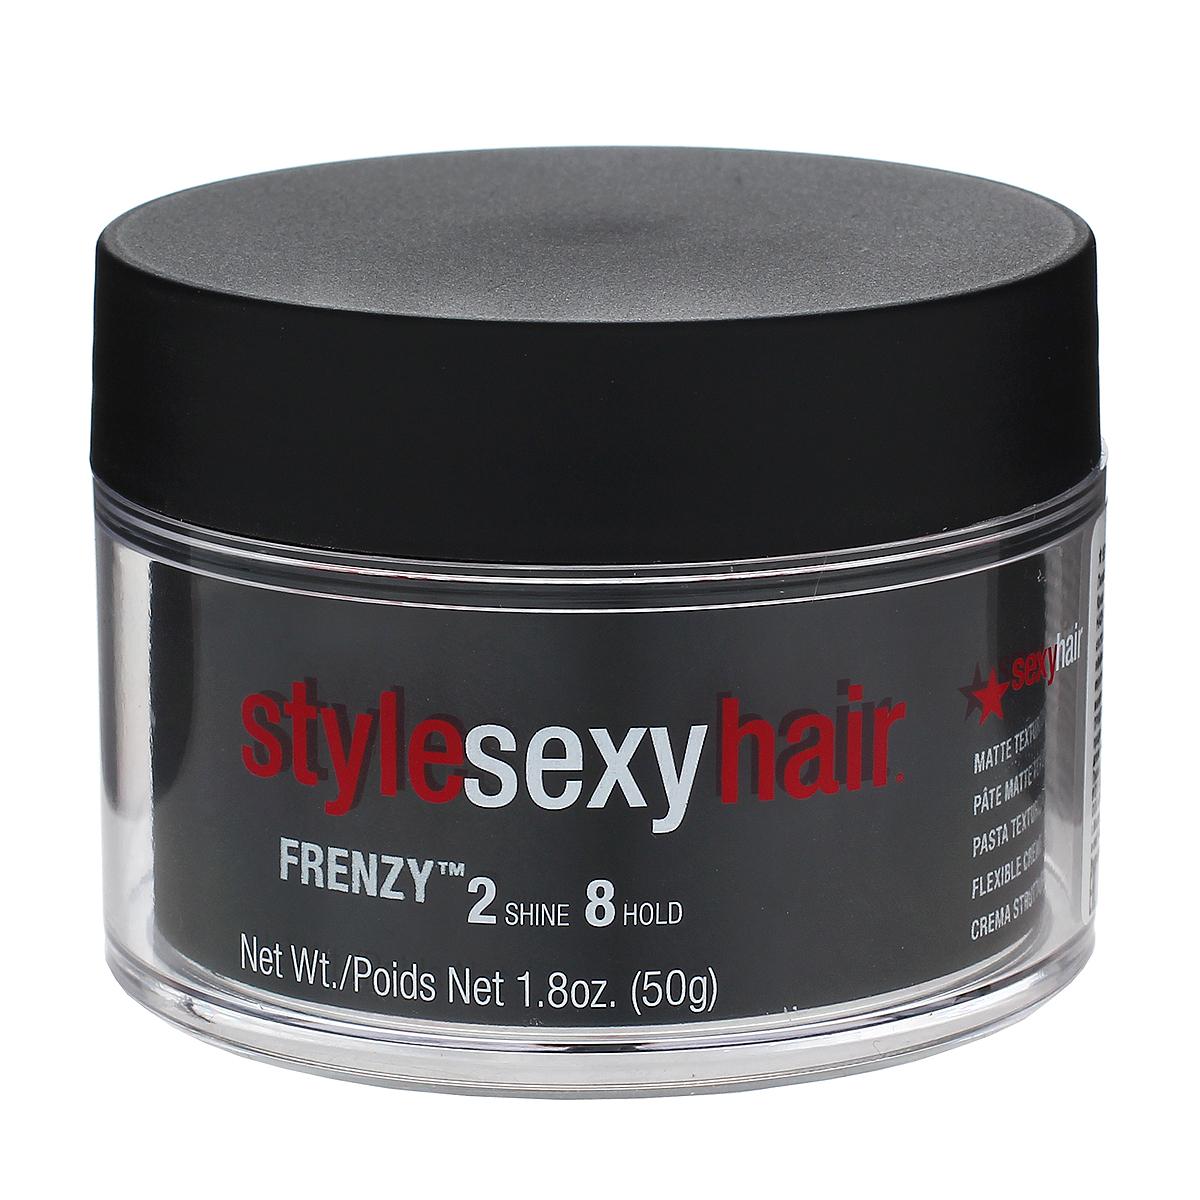 Sexy Hair Крем Style для объема волос, 50 гКР5Крем Sexy Hair Style придает волосам объем и текстуру. Подходит для разделения и подчеркивания прядей. Позволяет неоднократно менять укладку в течение всего дня.